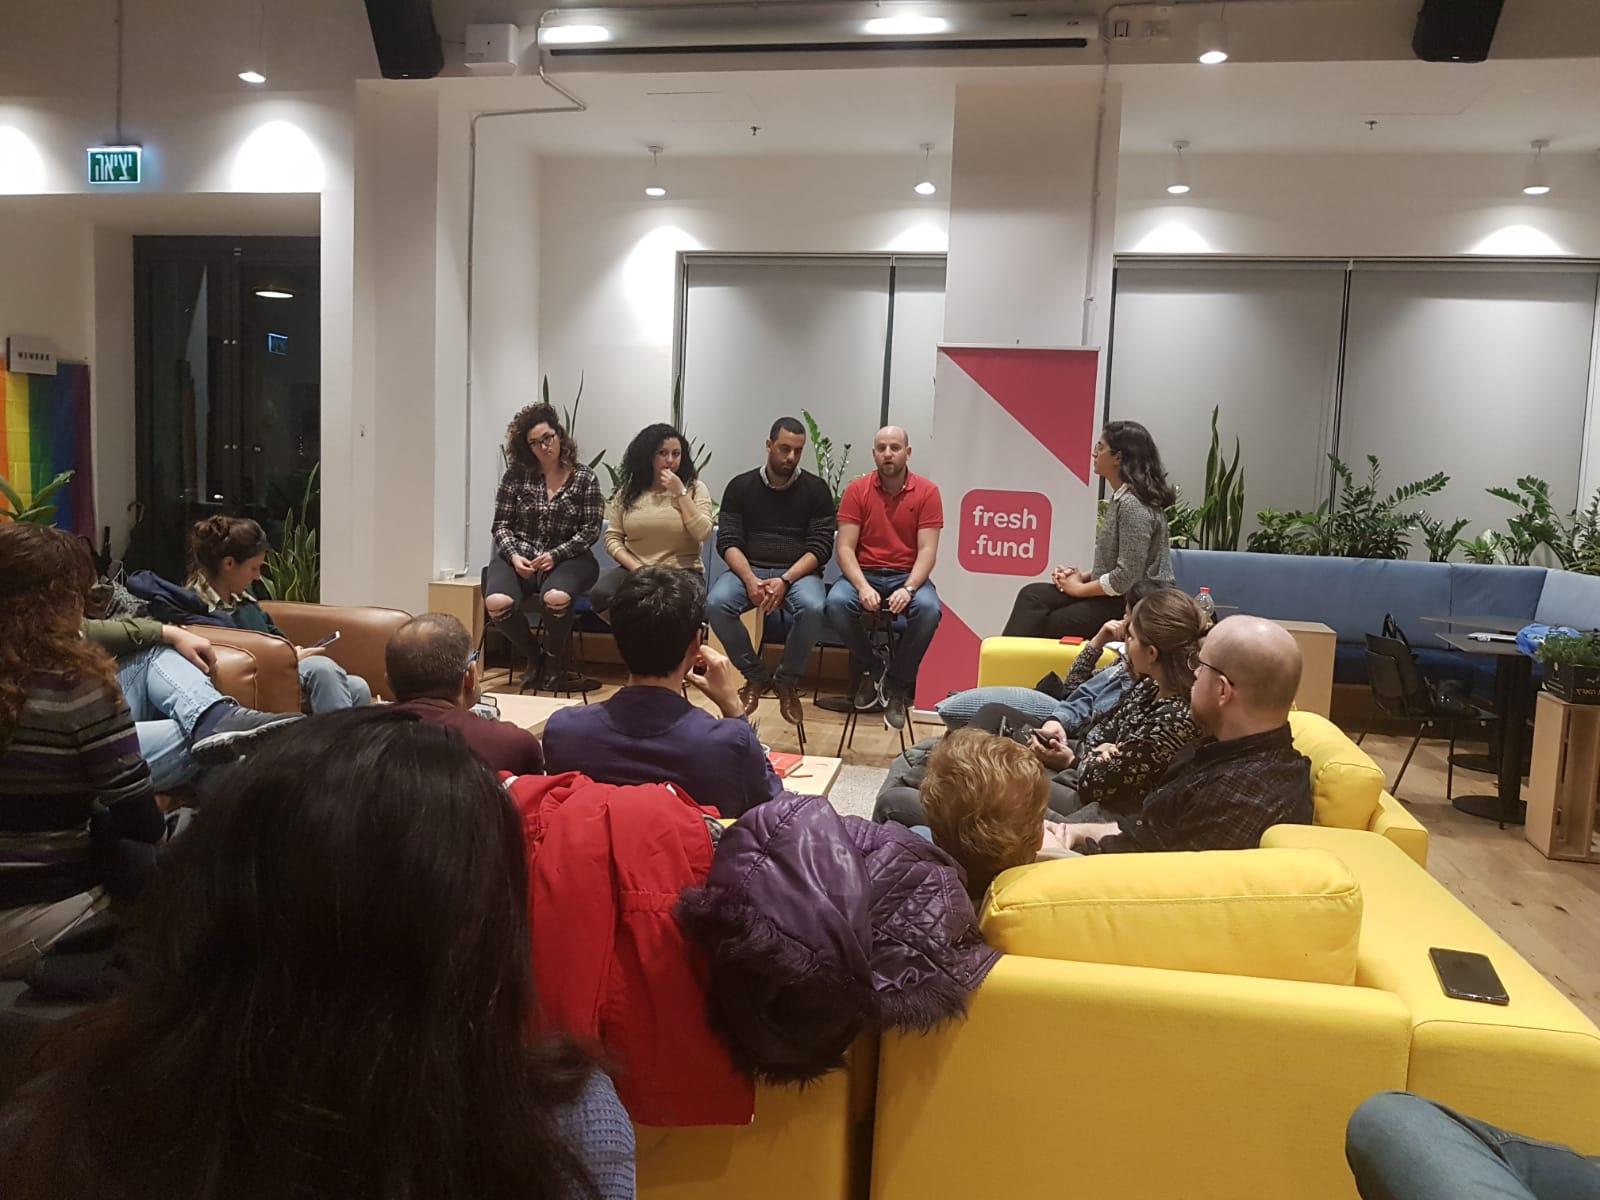 קבוצת אנשים יושבים במעבדת החדשנות